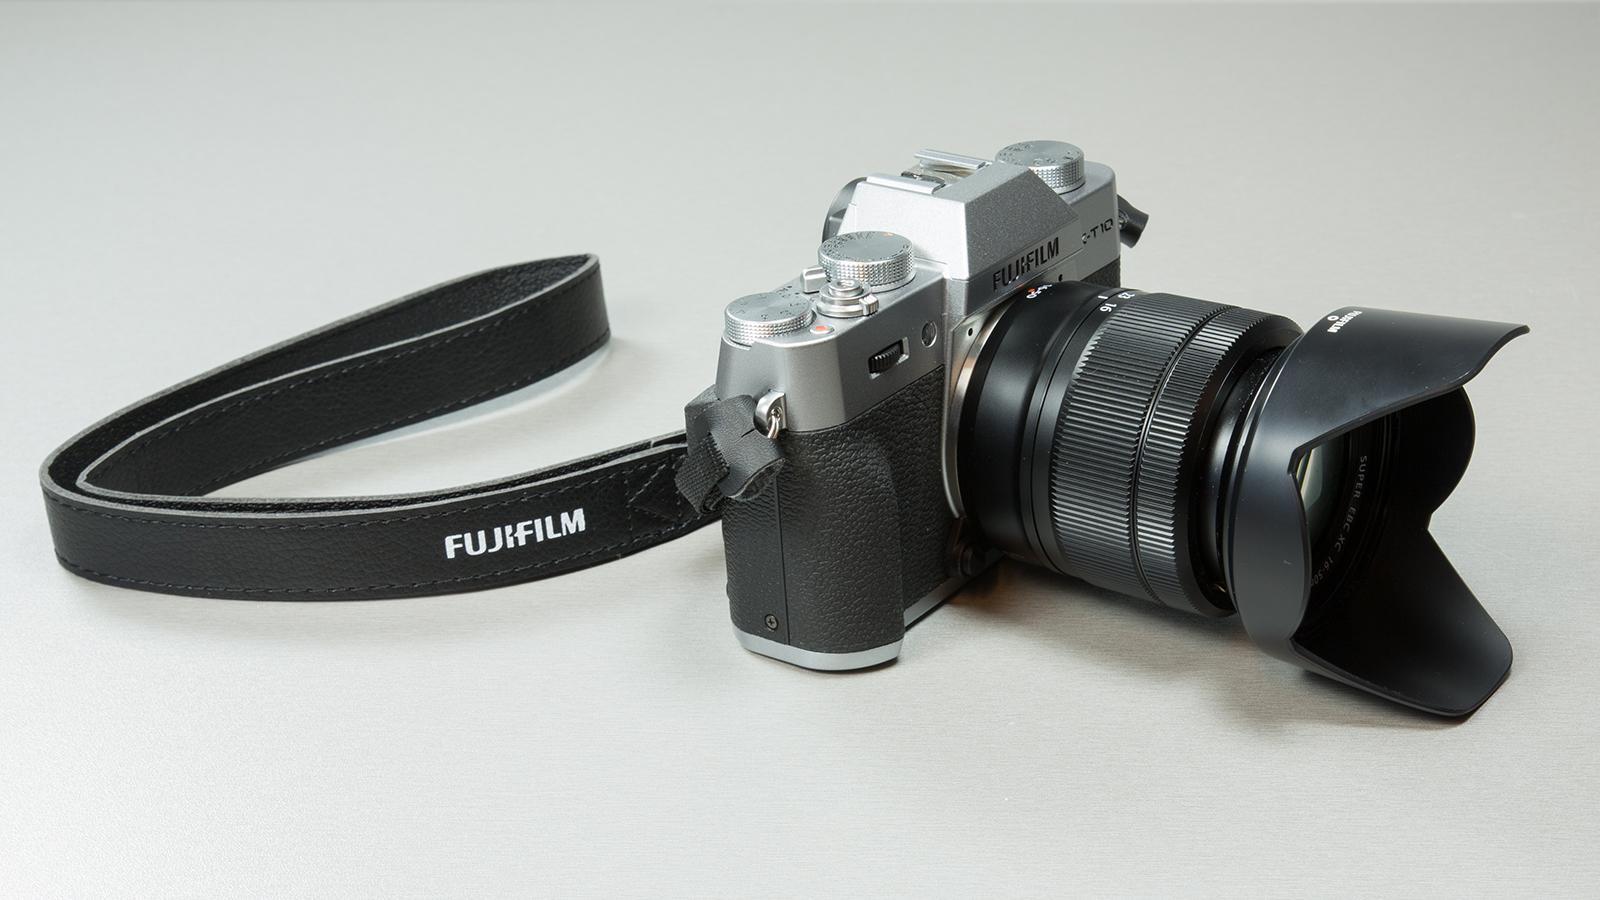 Fujifilm-X-T10-DT-001-rihmaga